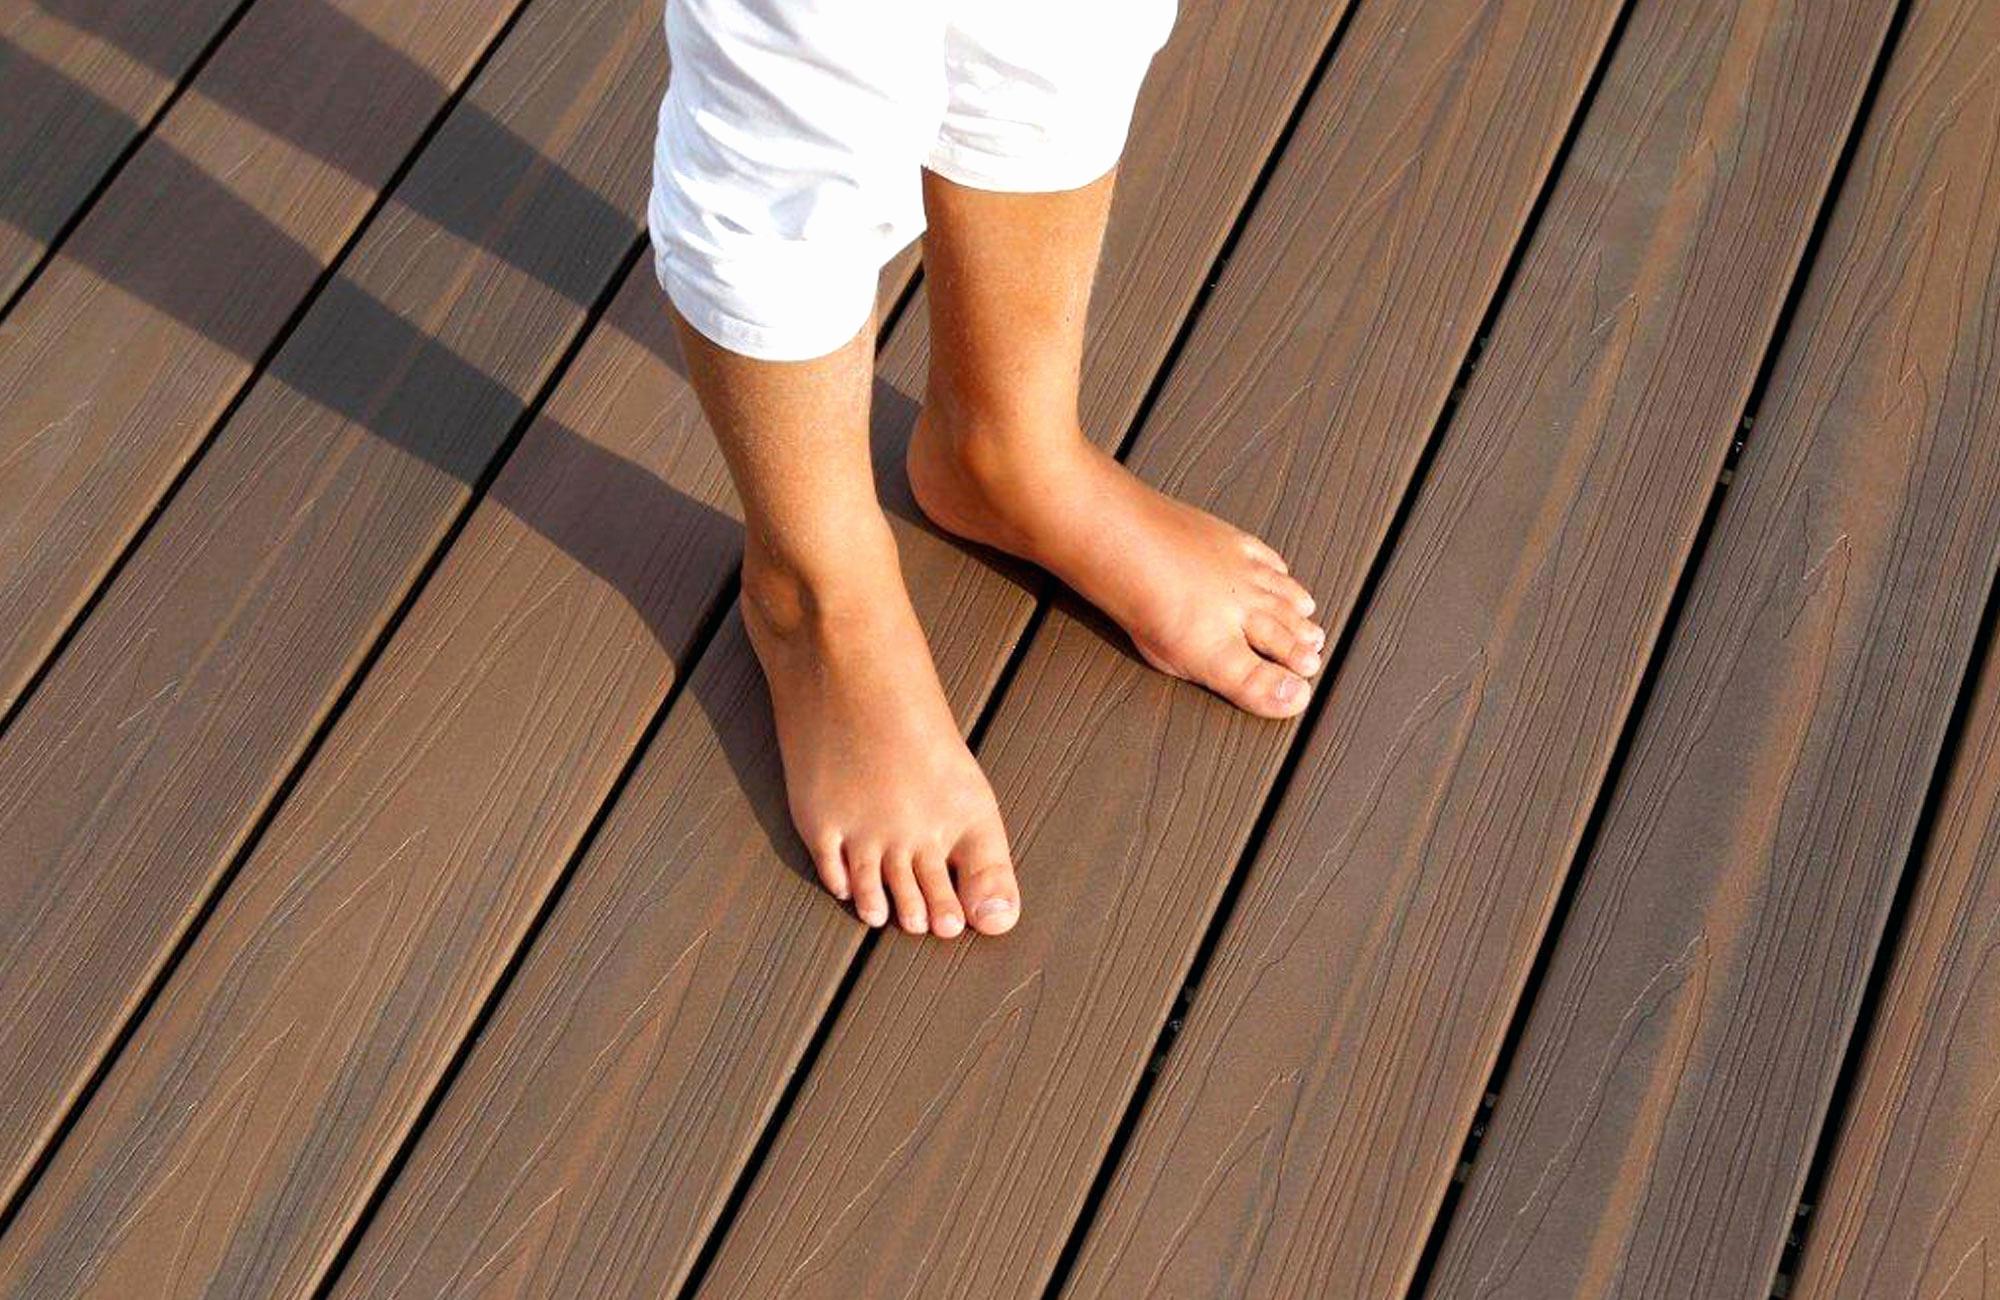 Lame Bois Pour Terrasse Lame Terrasse Meleze Castorama Elegant Parquet Pour Idees Conception Jardin Idees Conception Jardin